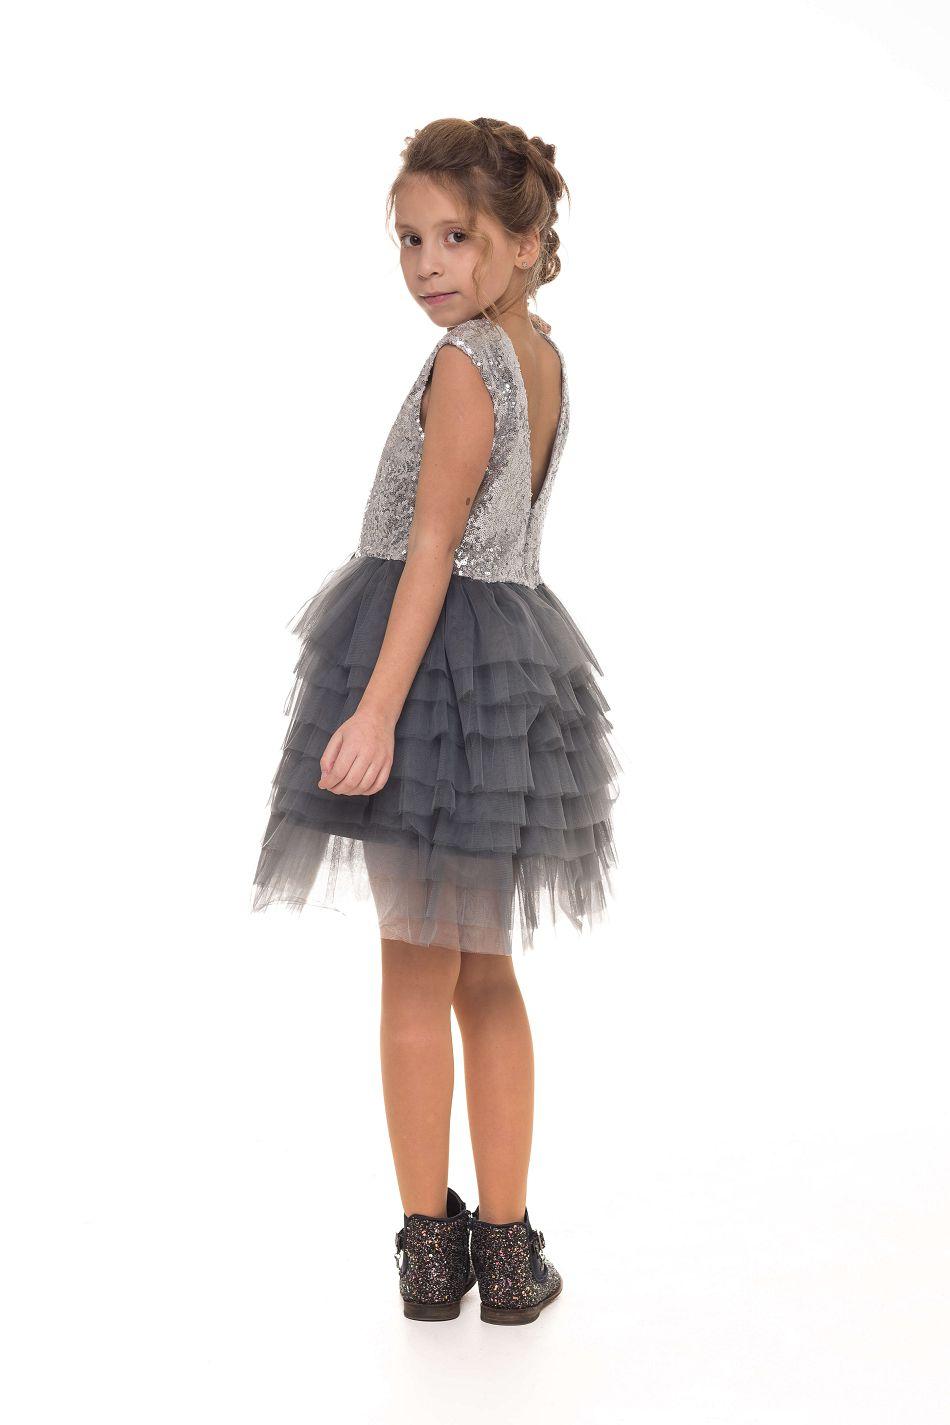 Срібна сукня на дівчинку святкова